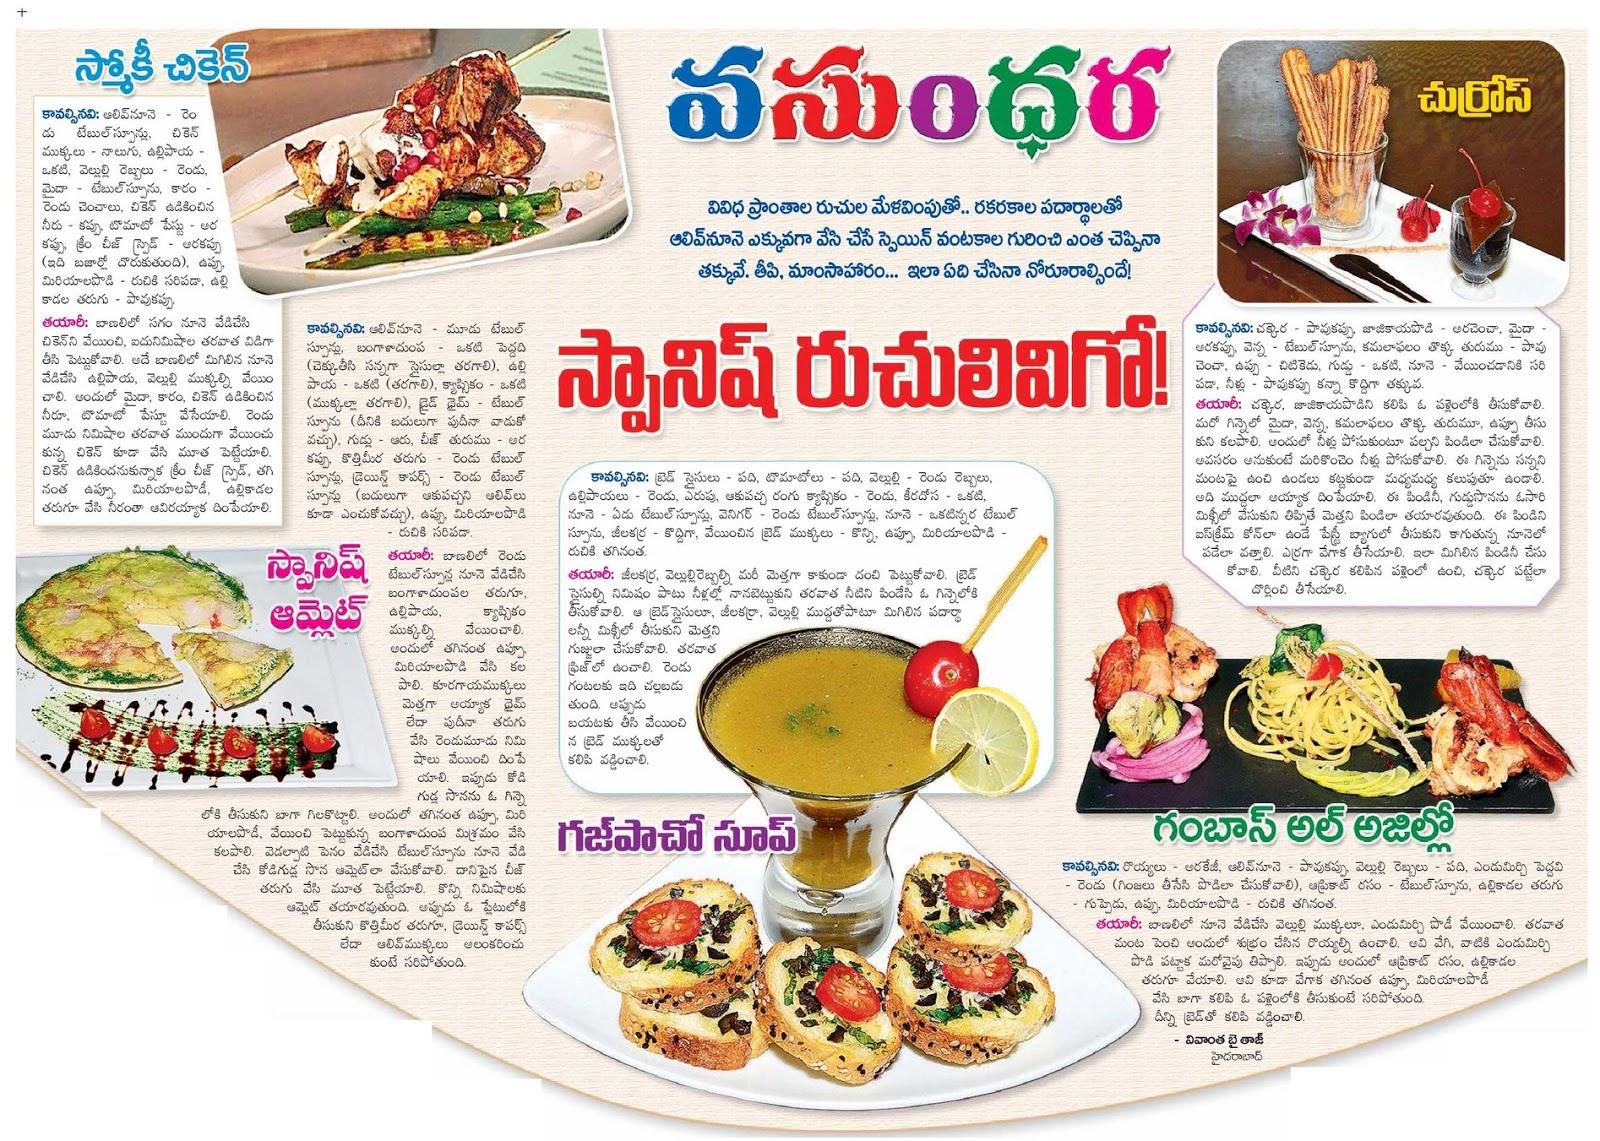 Telugu recipes andhrarecipes makingtipskitchentips recipestips andhrarecipes makingtipskitchentips recipestips andhra vantalu curries making 10 collection in telugu forumfinder Images